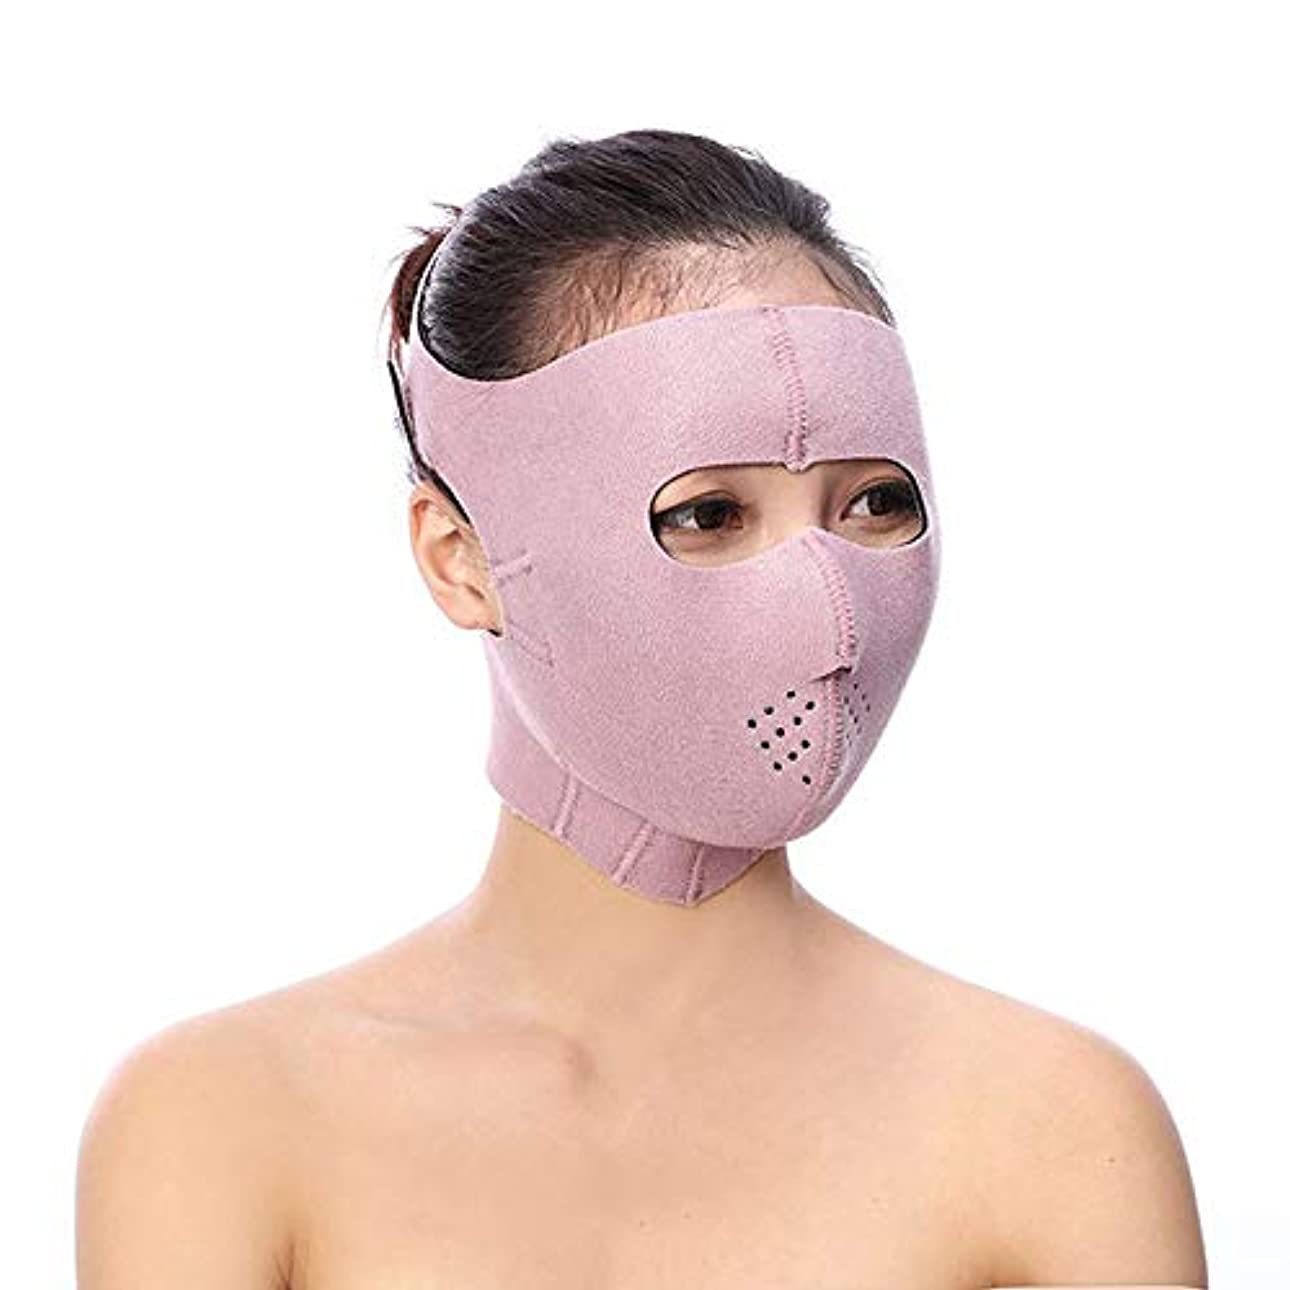 強いひねくれた失敗XINGZHE フェイシャルリフティング痩身ベルト - Vフェイス包帯マスクフェイシャルマッサージャー無料の薄いフェイス包帯整形マスクを引き締める顔と首の顔スリム フェイスリフティングベルト